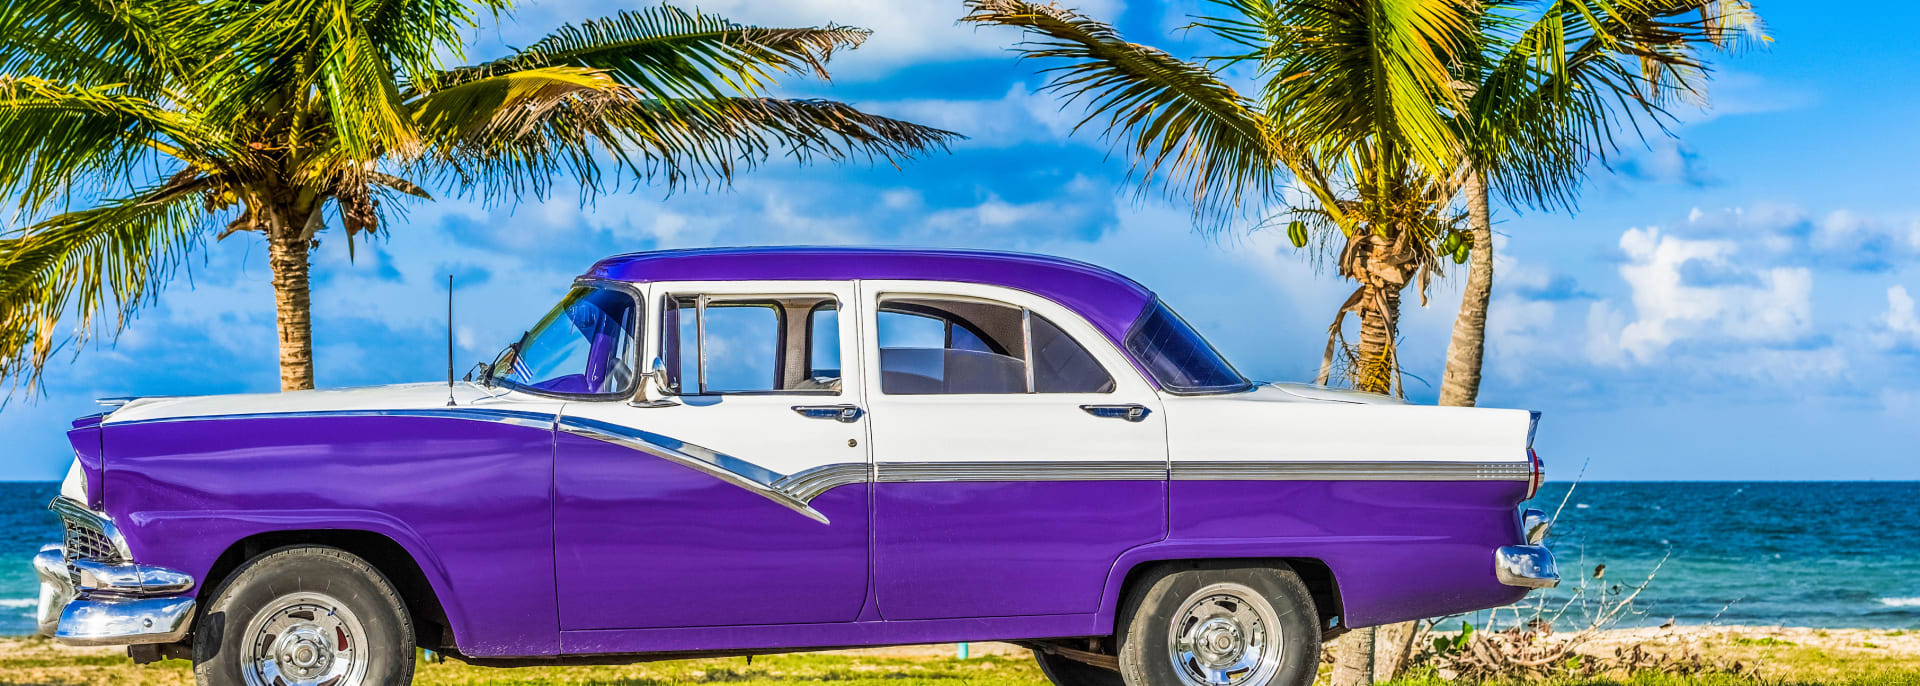 Havanna, Kuba - 30. Juni 2017: HDR - Amerikanisches Klassisches Auto auf dem Malecon in der Nähe des Strandes in Havanna Cuba - Serie Cuba Reportage